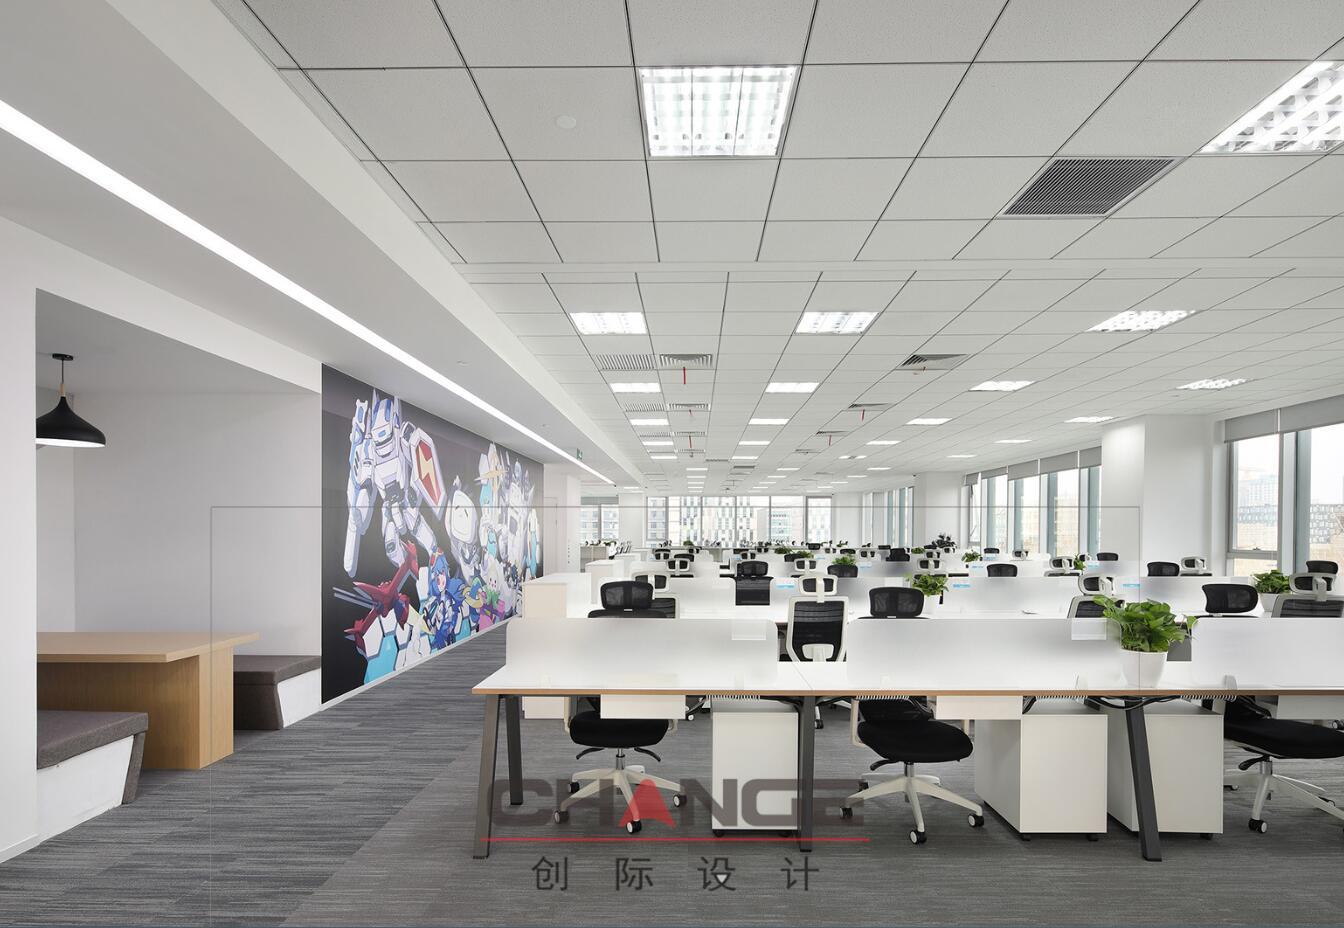 昆山辦公樓裝修哪家好-可靠的辦公室裝修